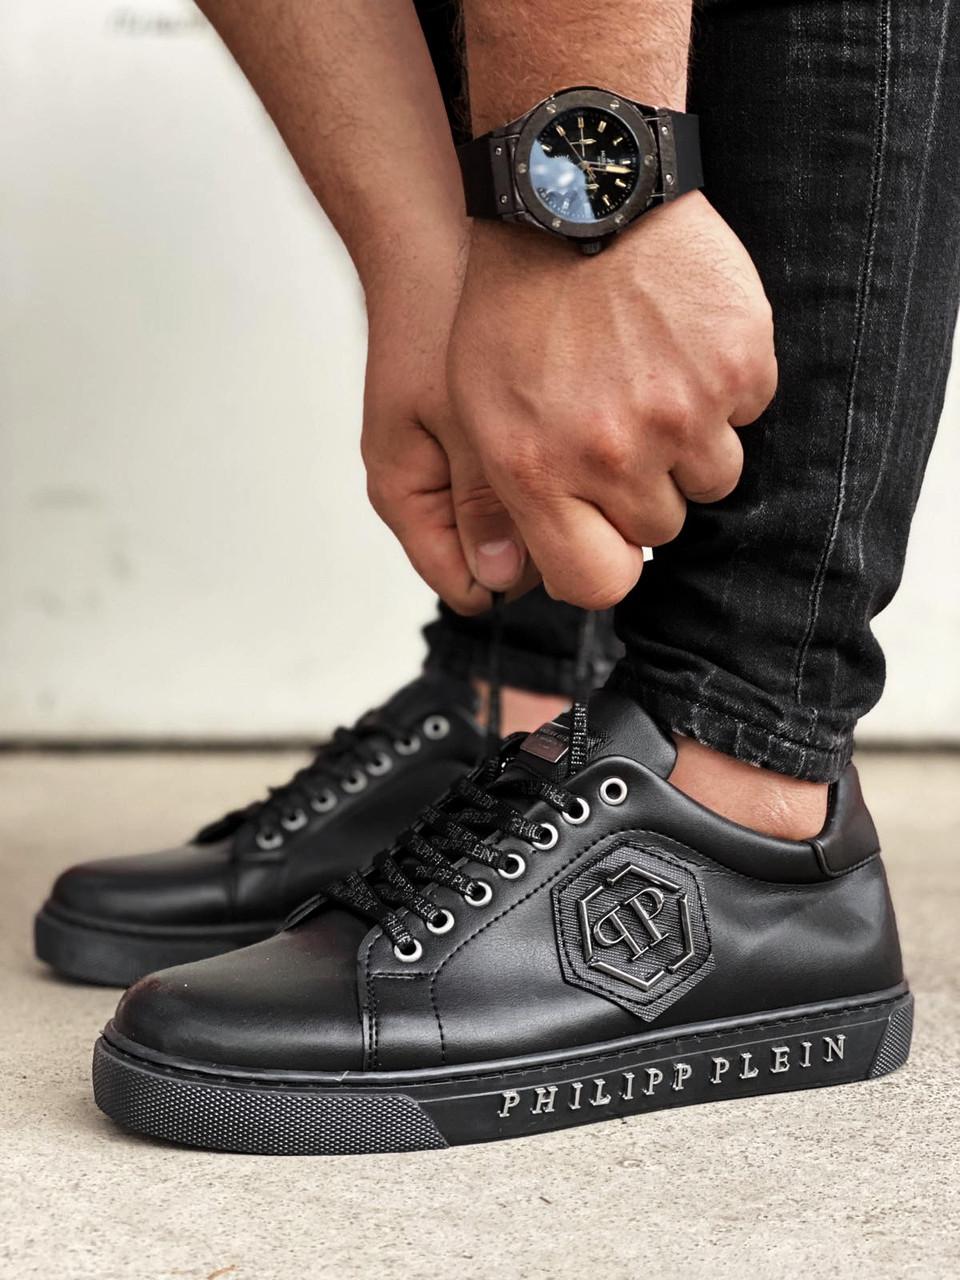 Мужские кроссовки PHILIPP PLEIN обувь кроссовки ботинки кеды брендовые реплика копия